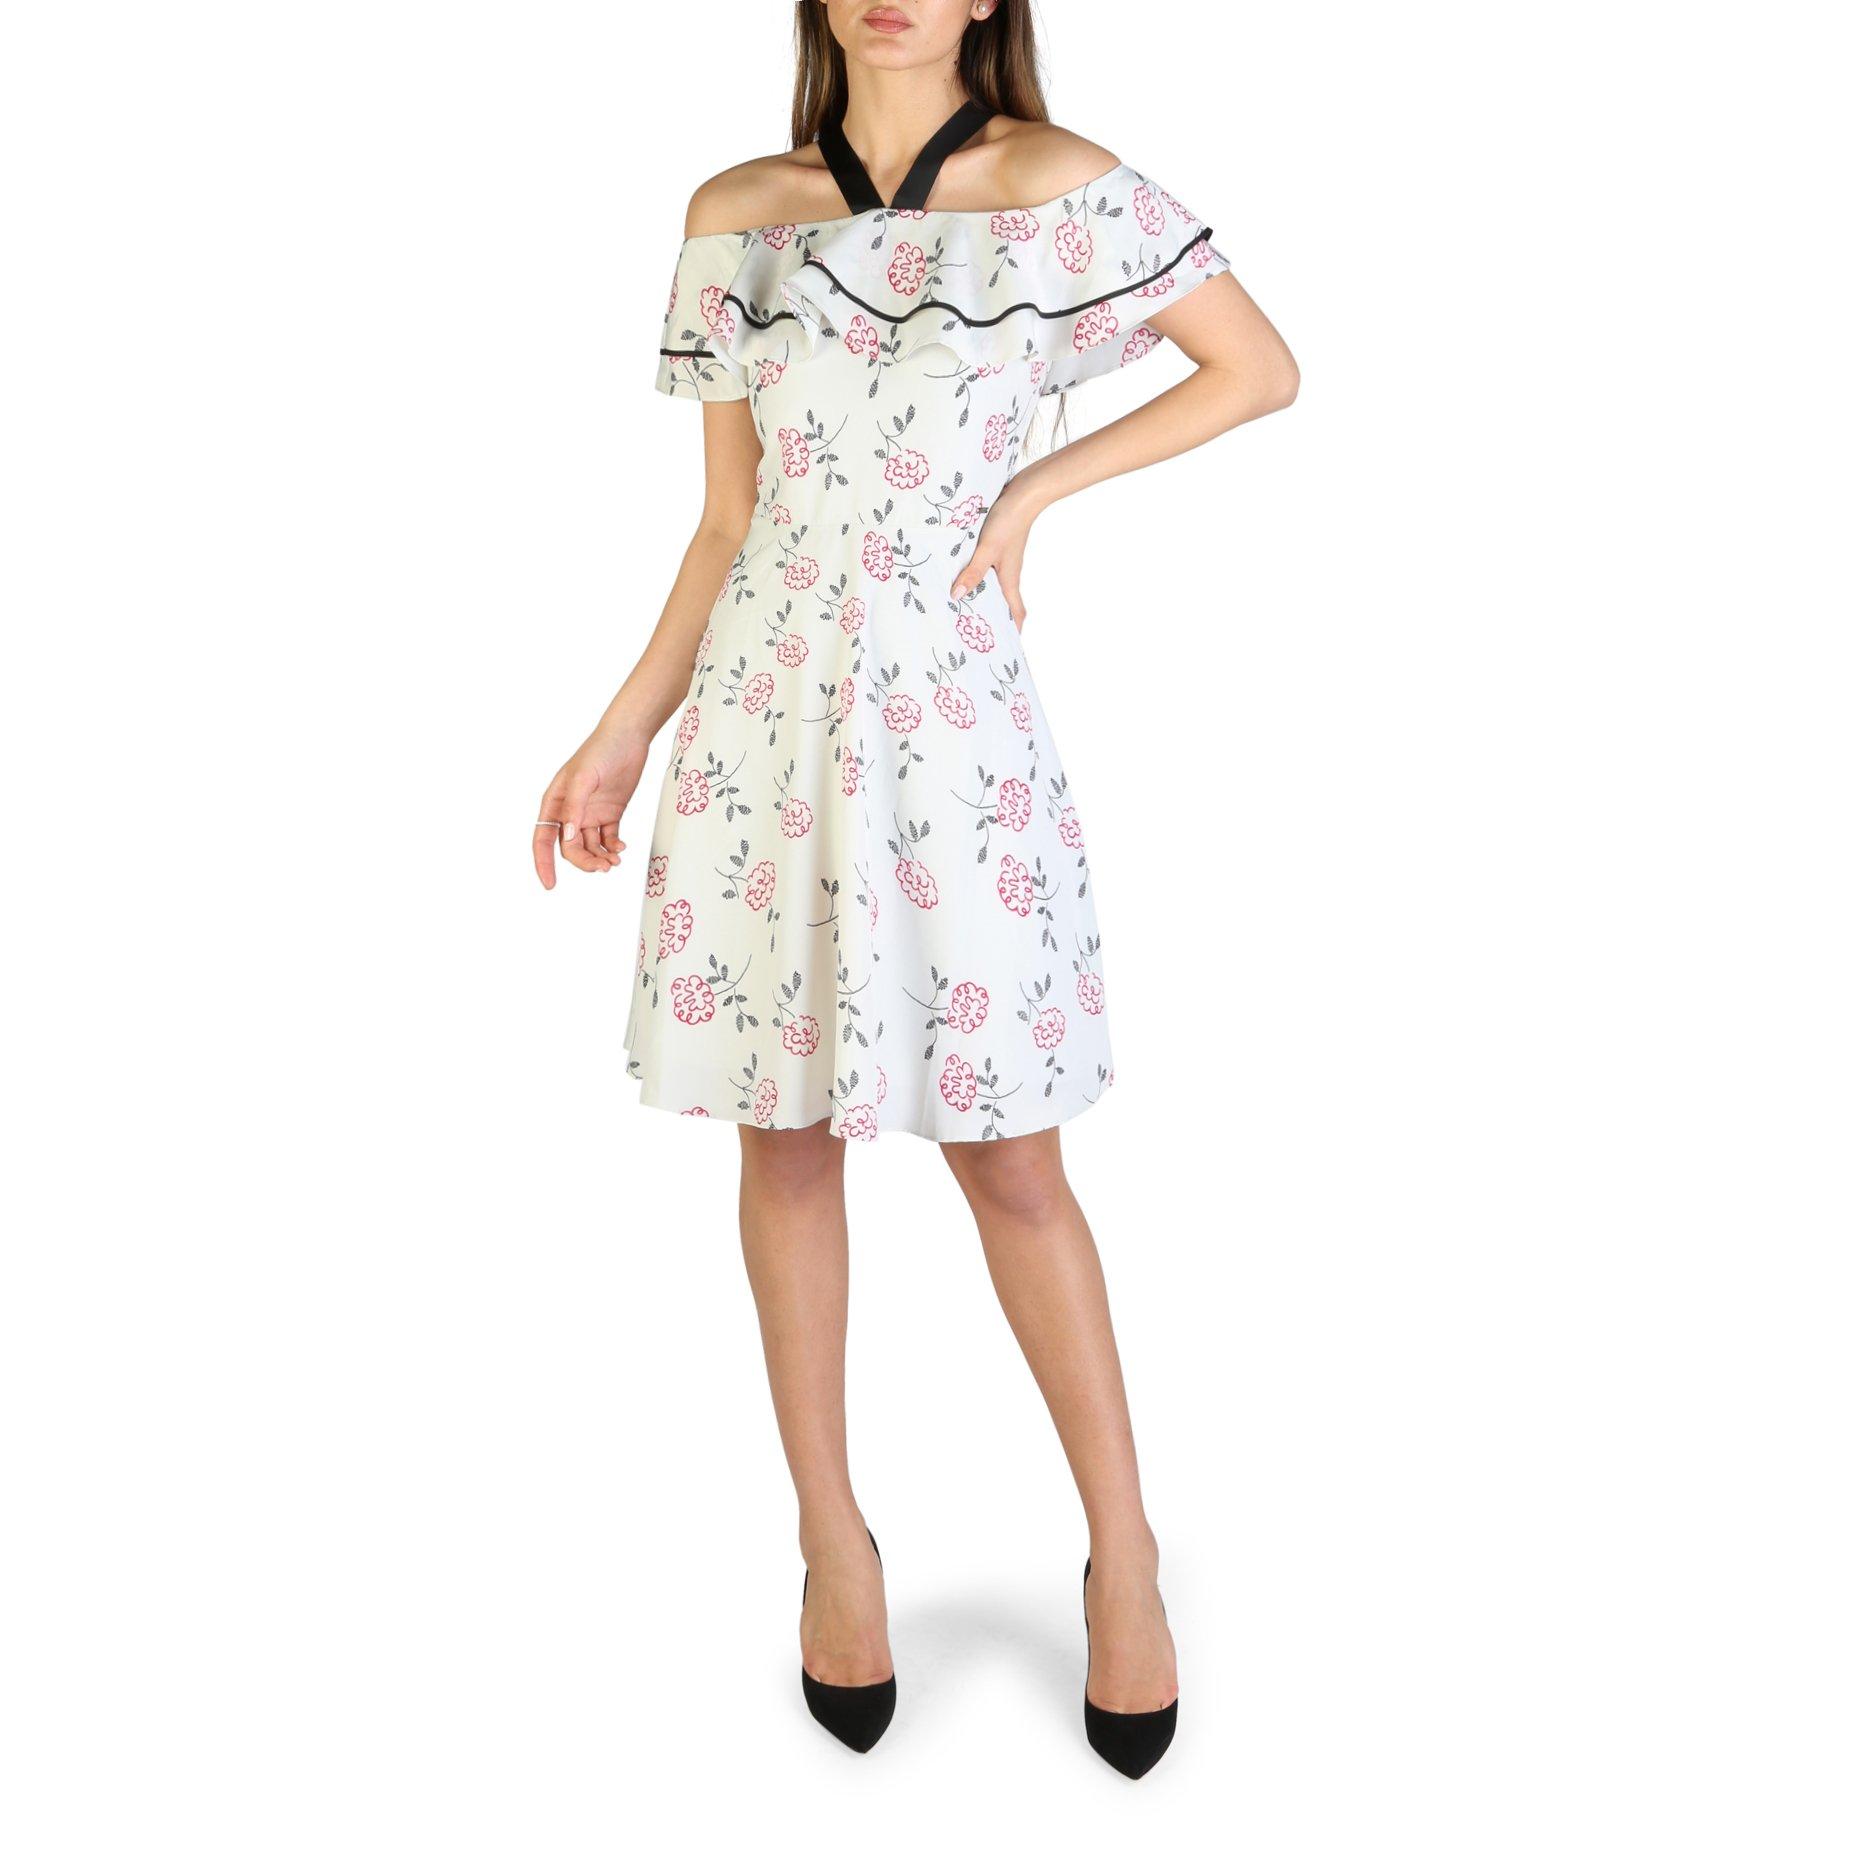 Armani Exchange Women's Dress Various Colours 3ZYA05_YNBNZ - white 6